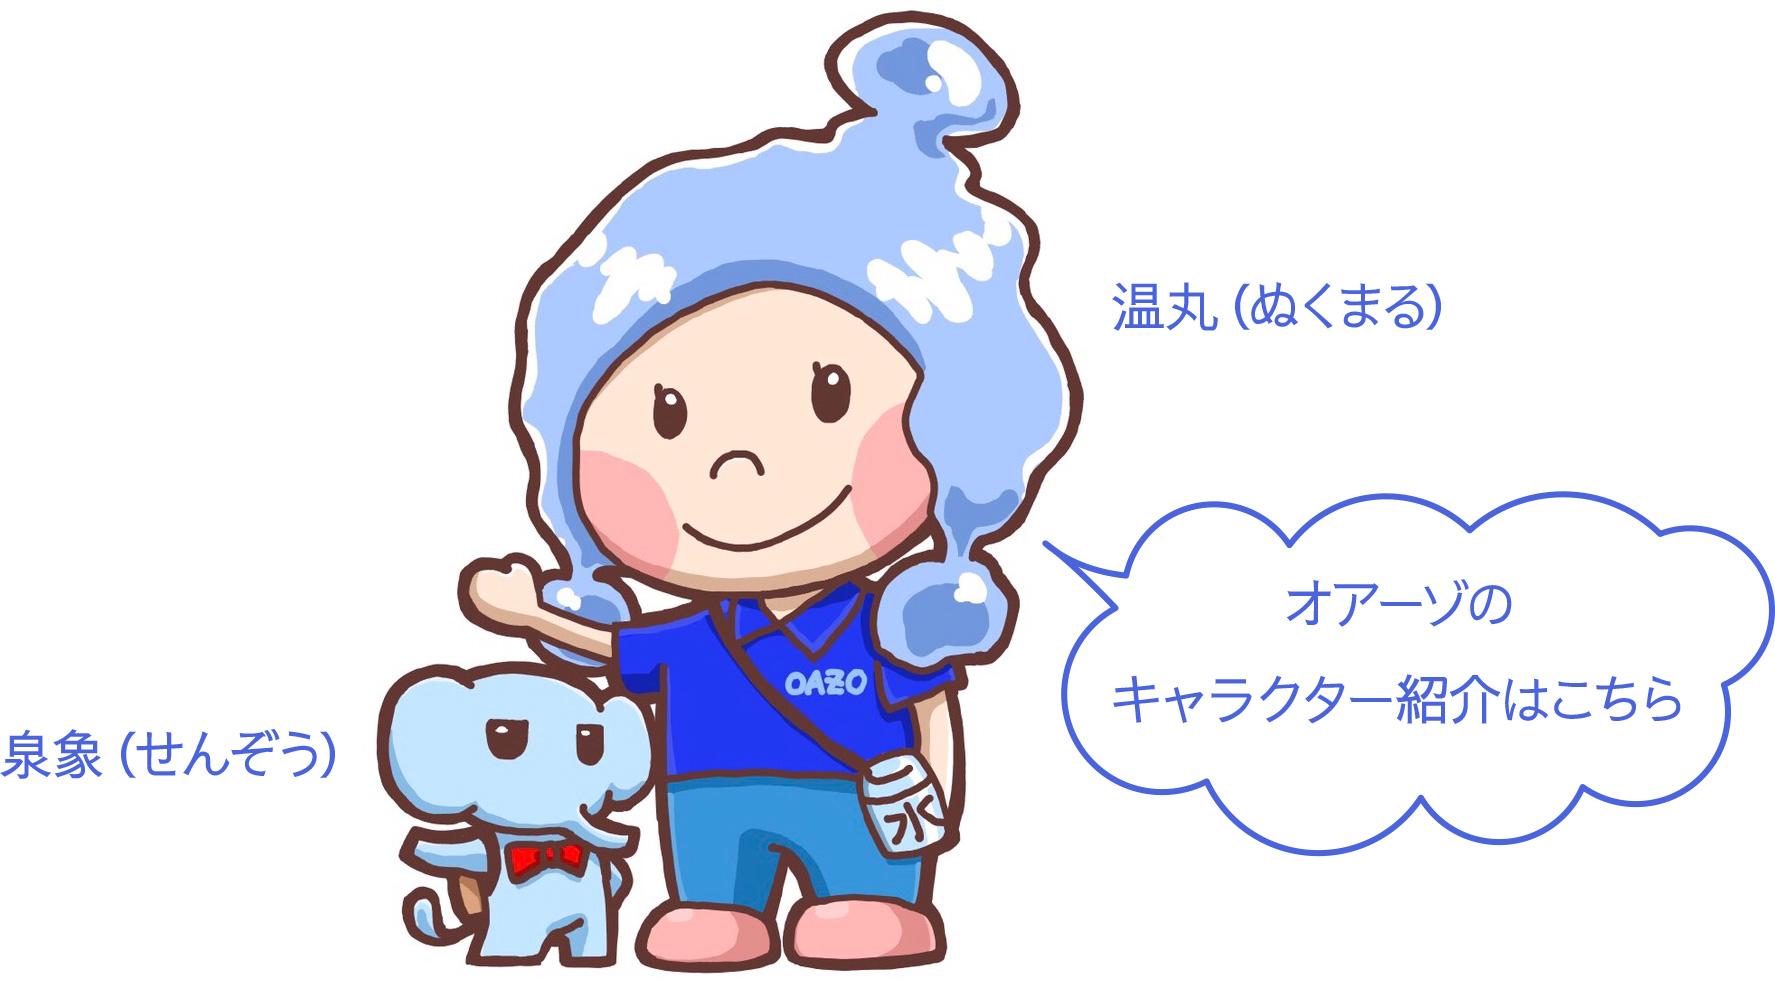 オアーゾのおうち温泉キャラクター